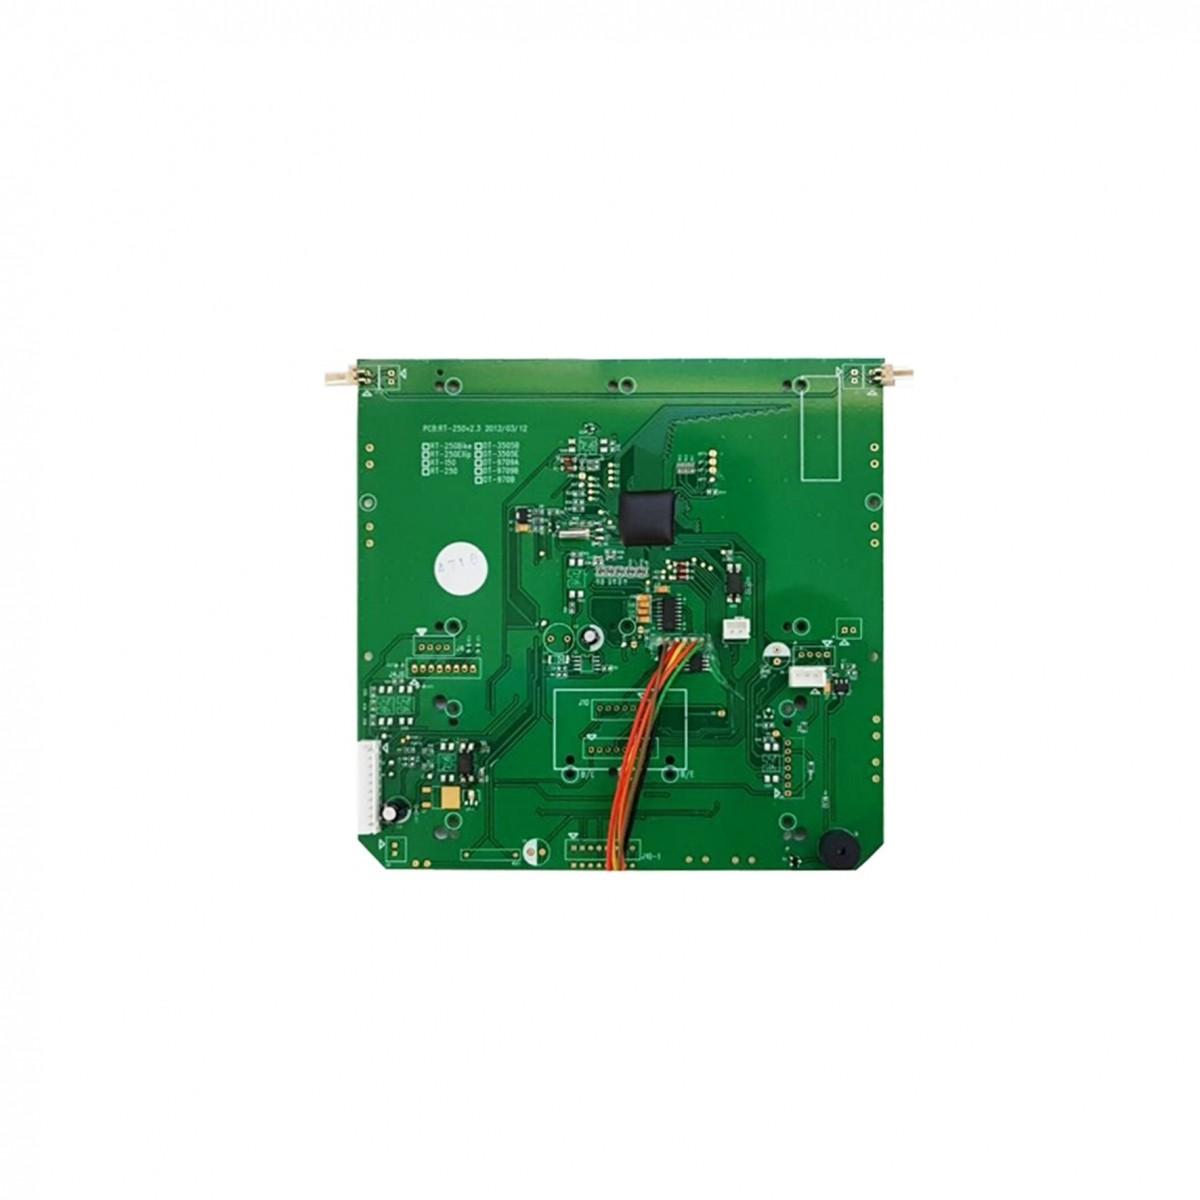 Placa do Painel PCI Esteira Movement Lx 160 G3 i Com Inclinação